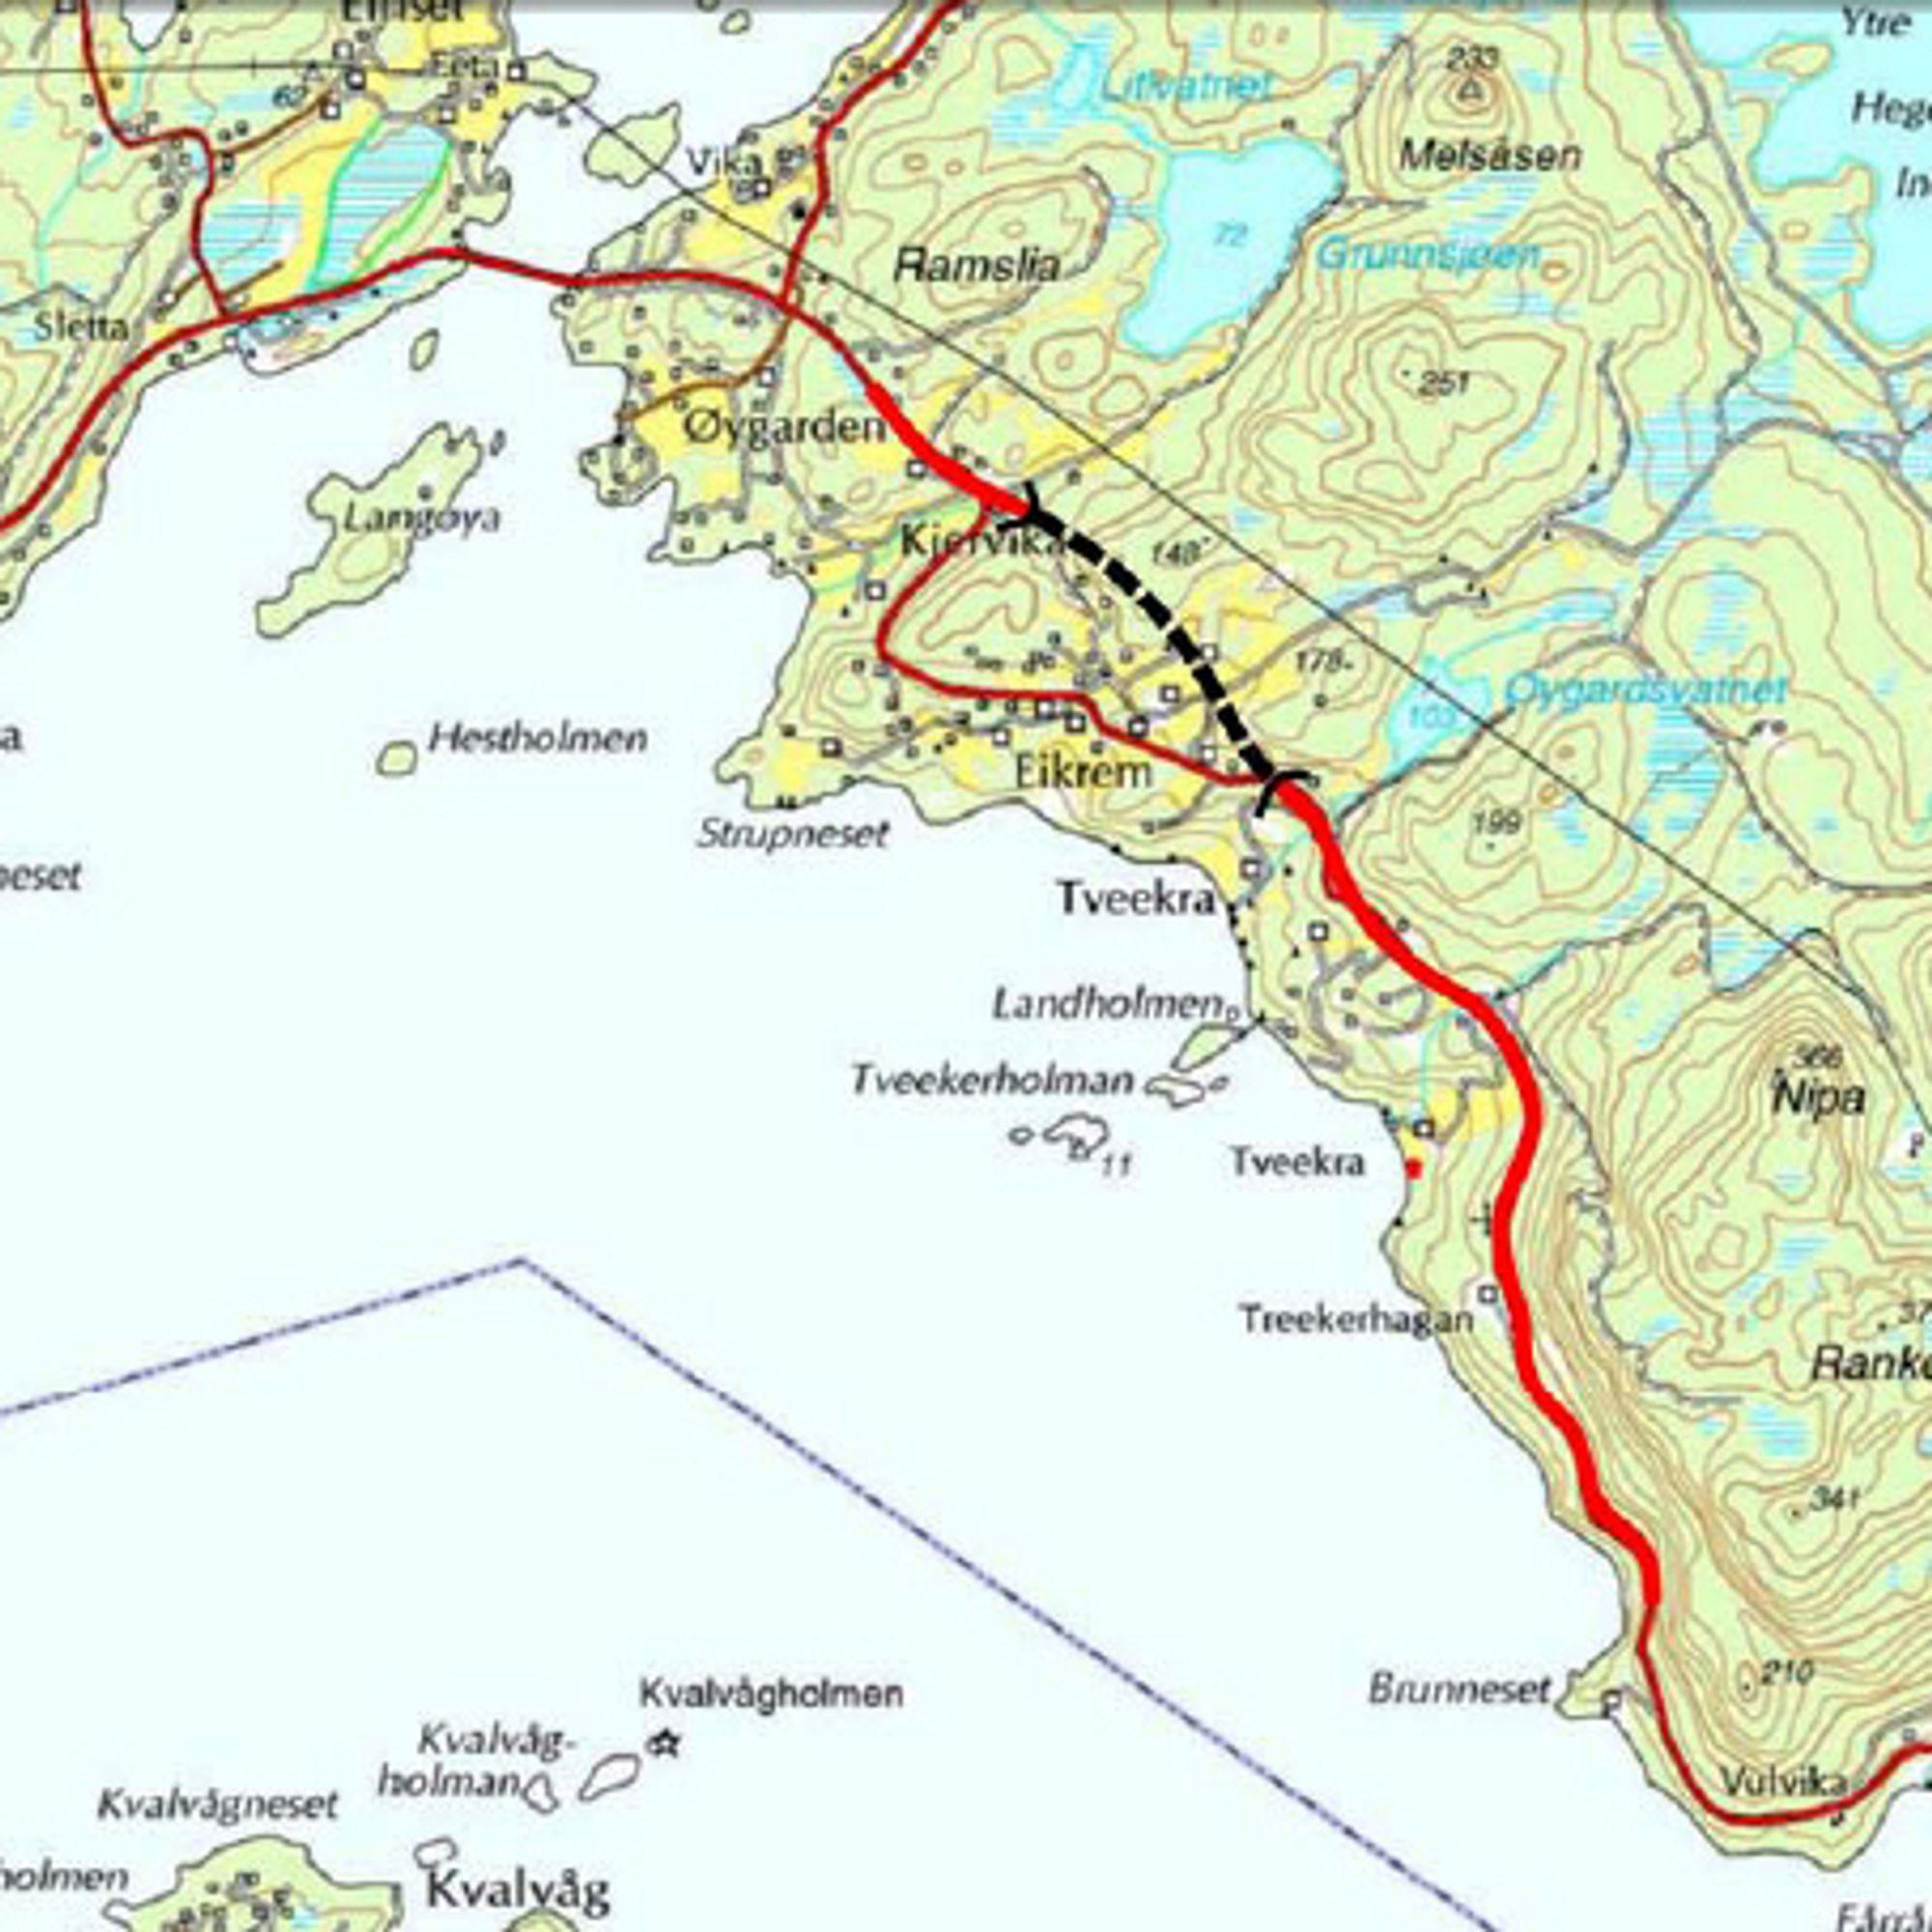 Strekningen Tveekrem-Bronneset er markert med tykk rød linje nedenfor den svarte stiplete linjen.